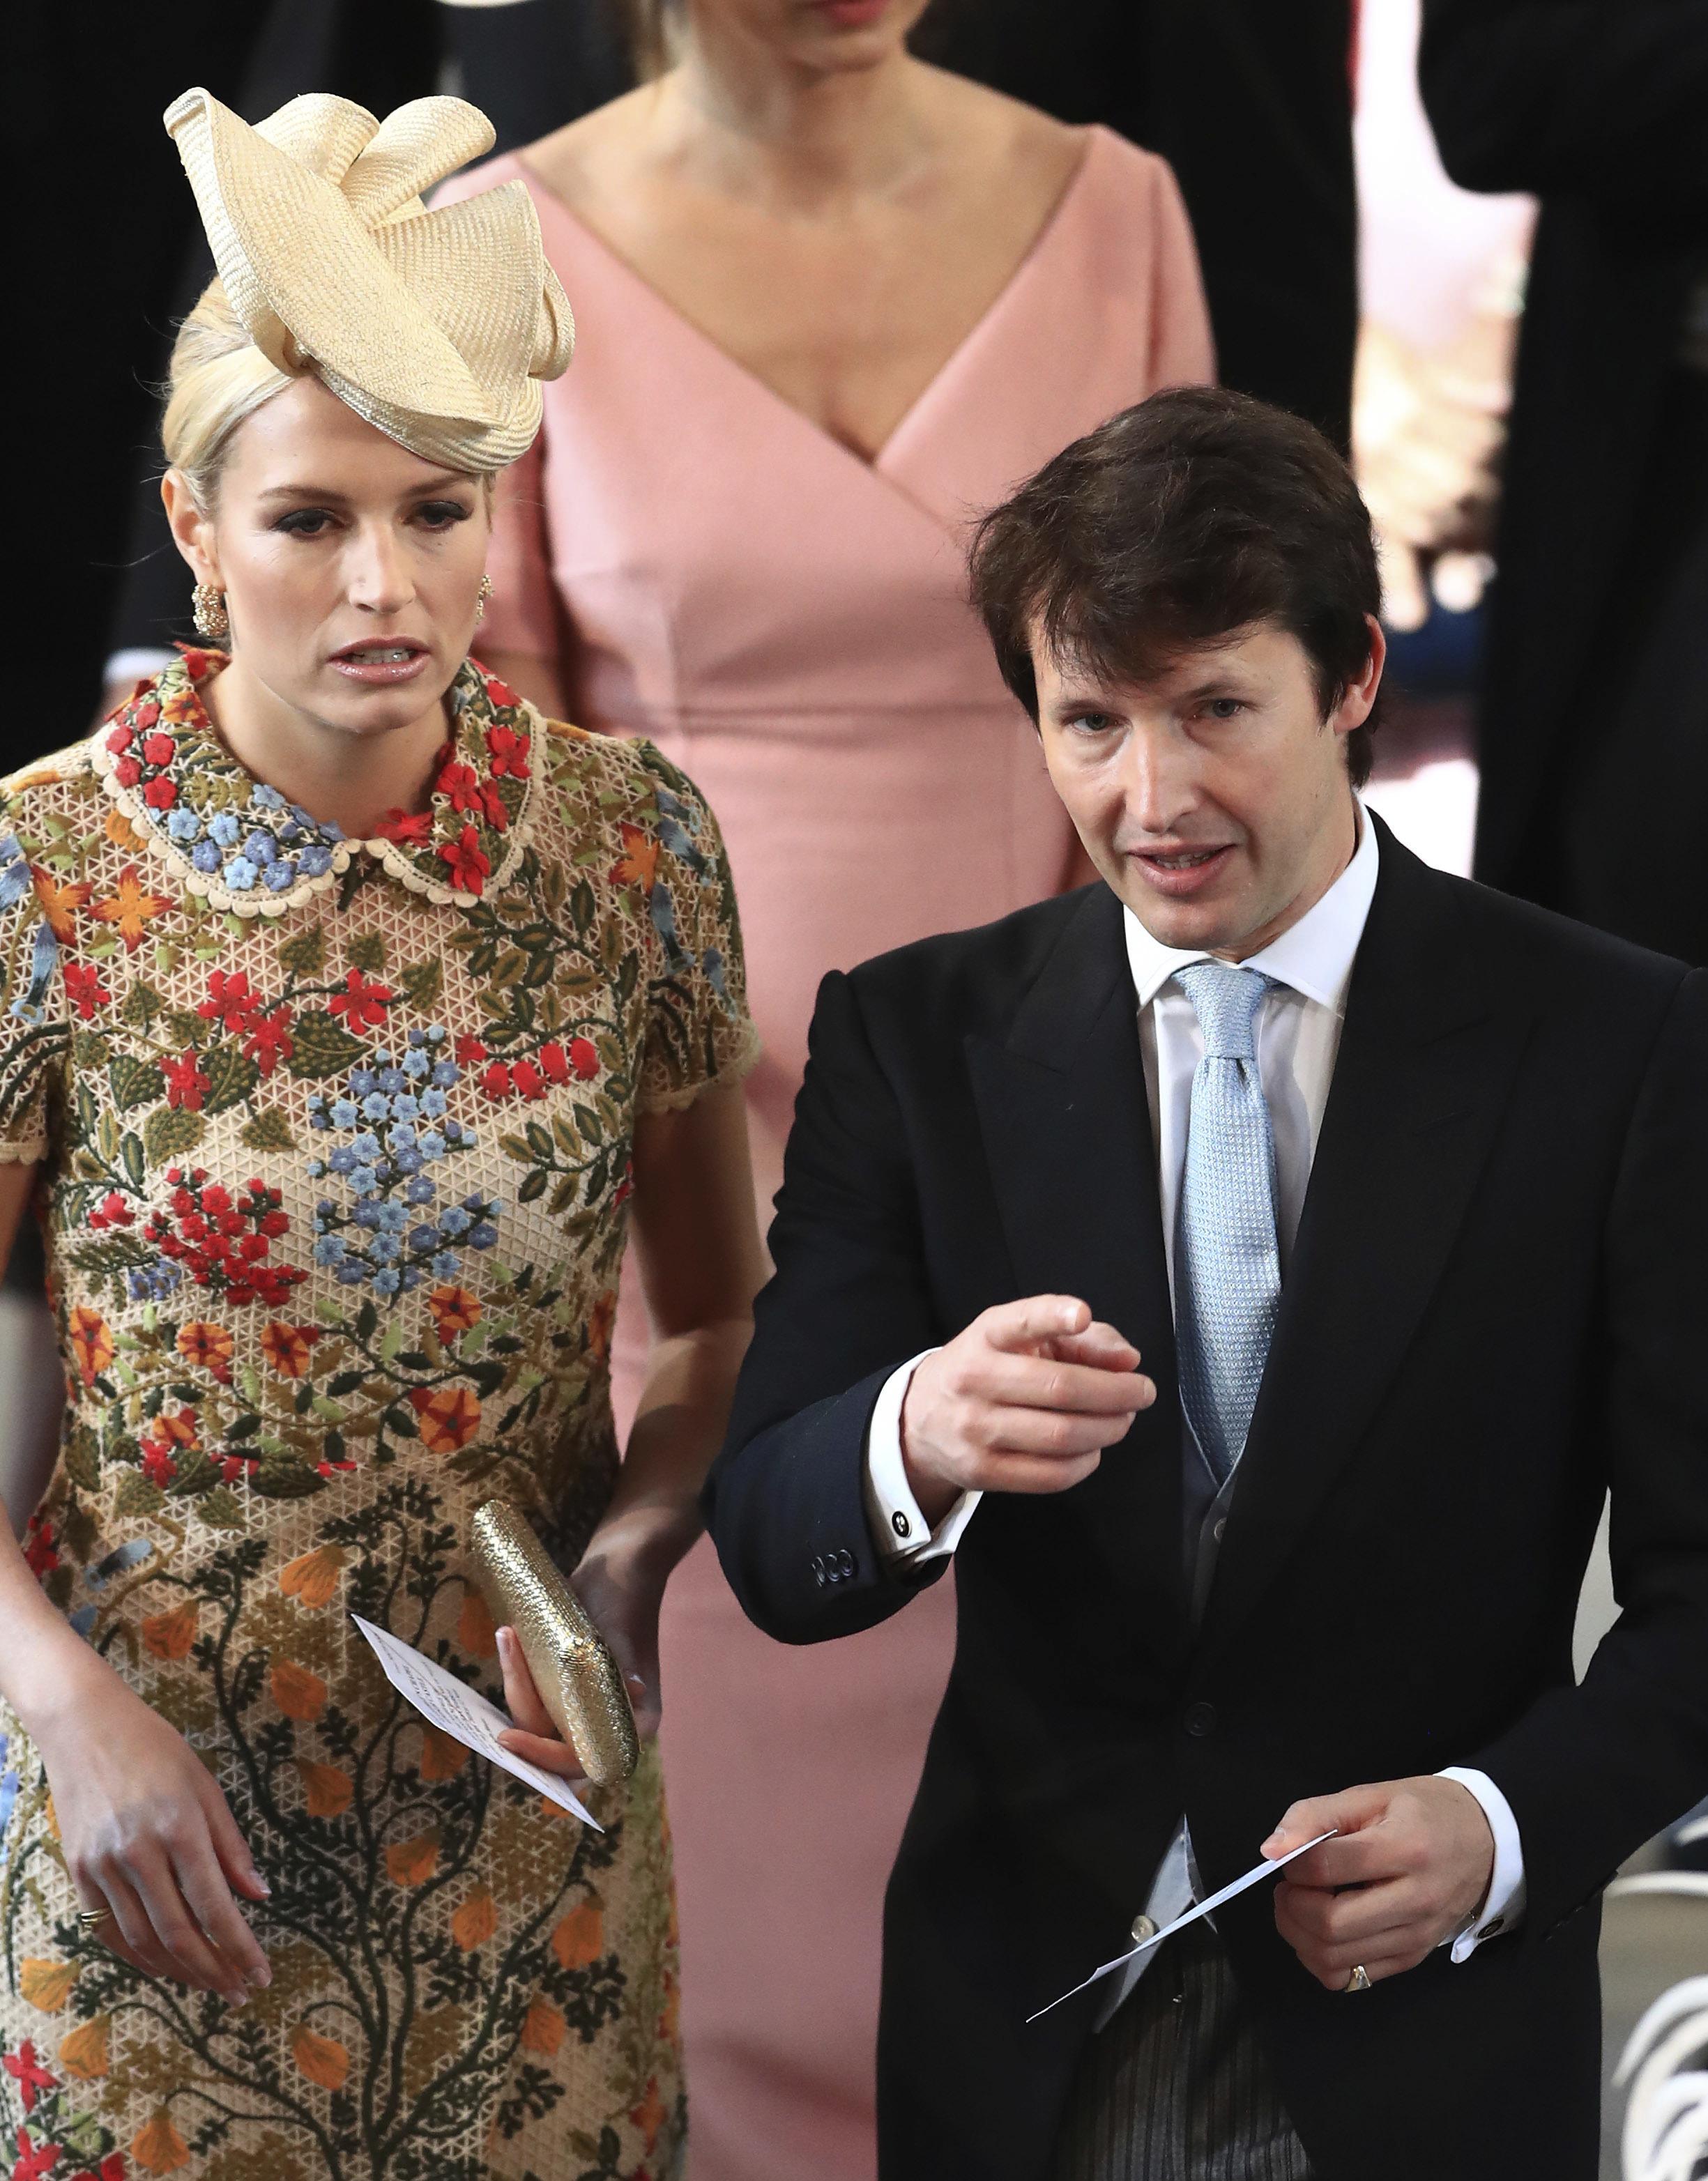 James Blunt y su esposa en la boda de Harry y Meghan. (Foto: AP)